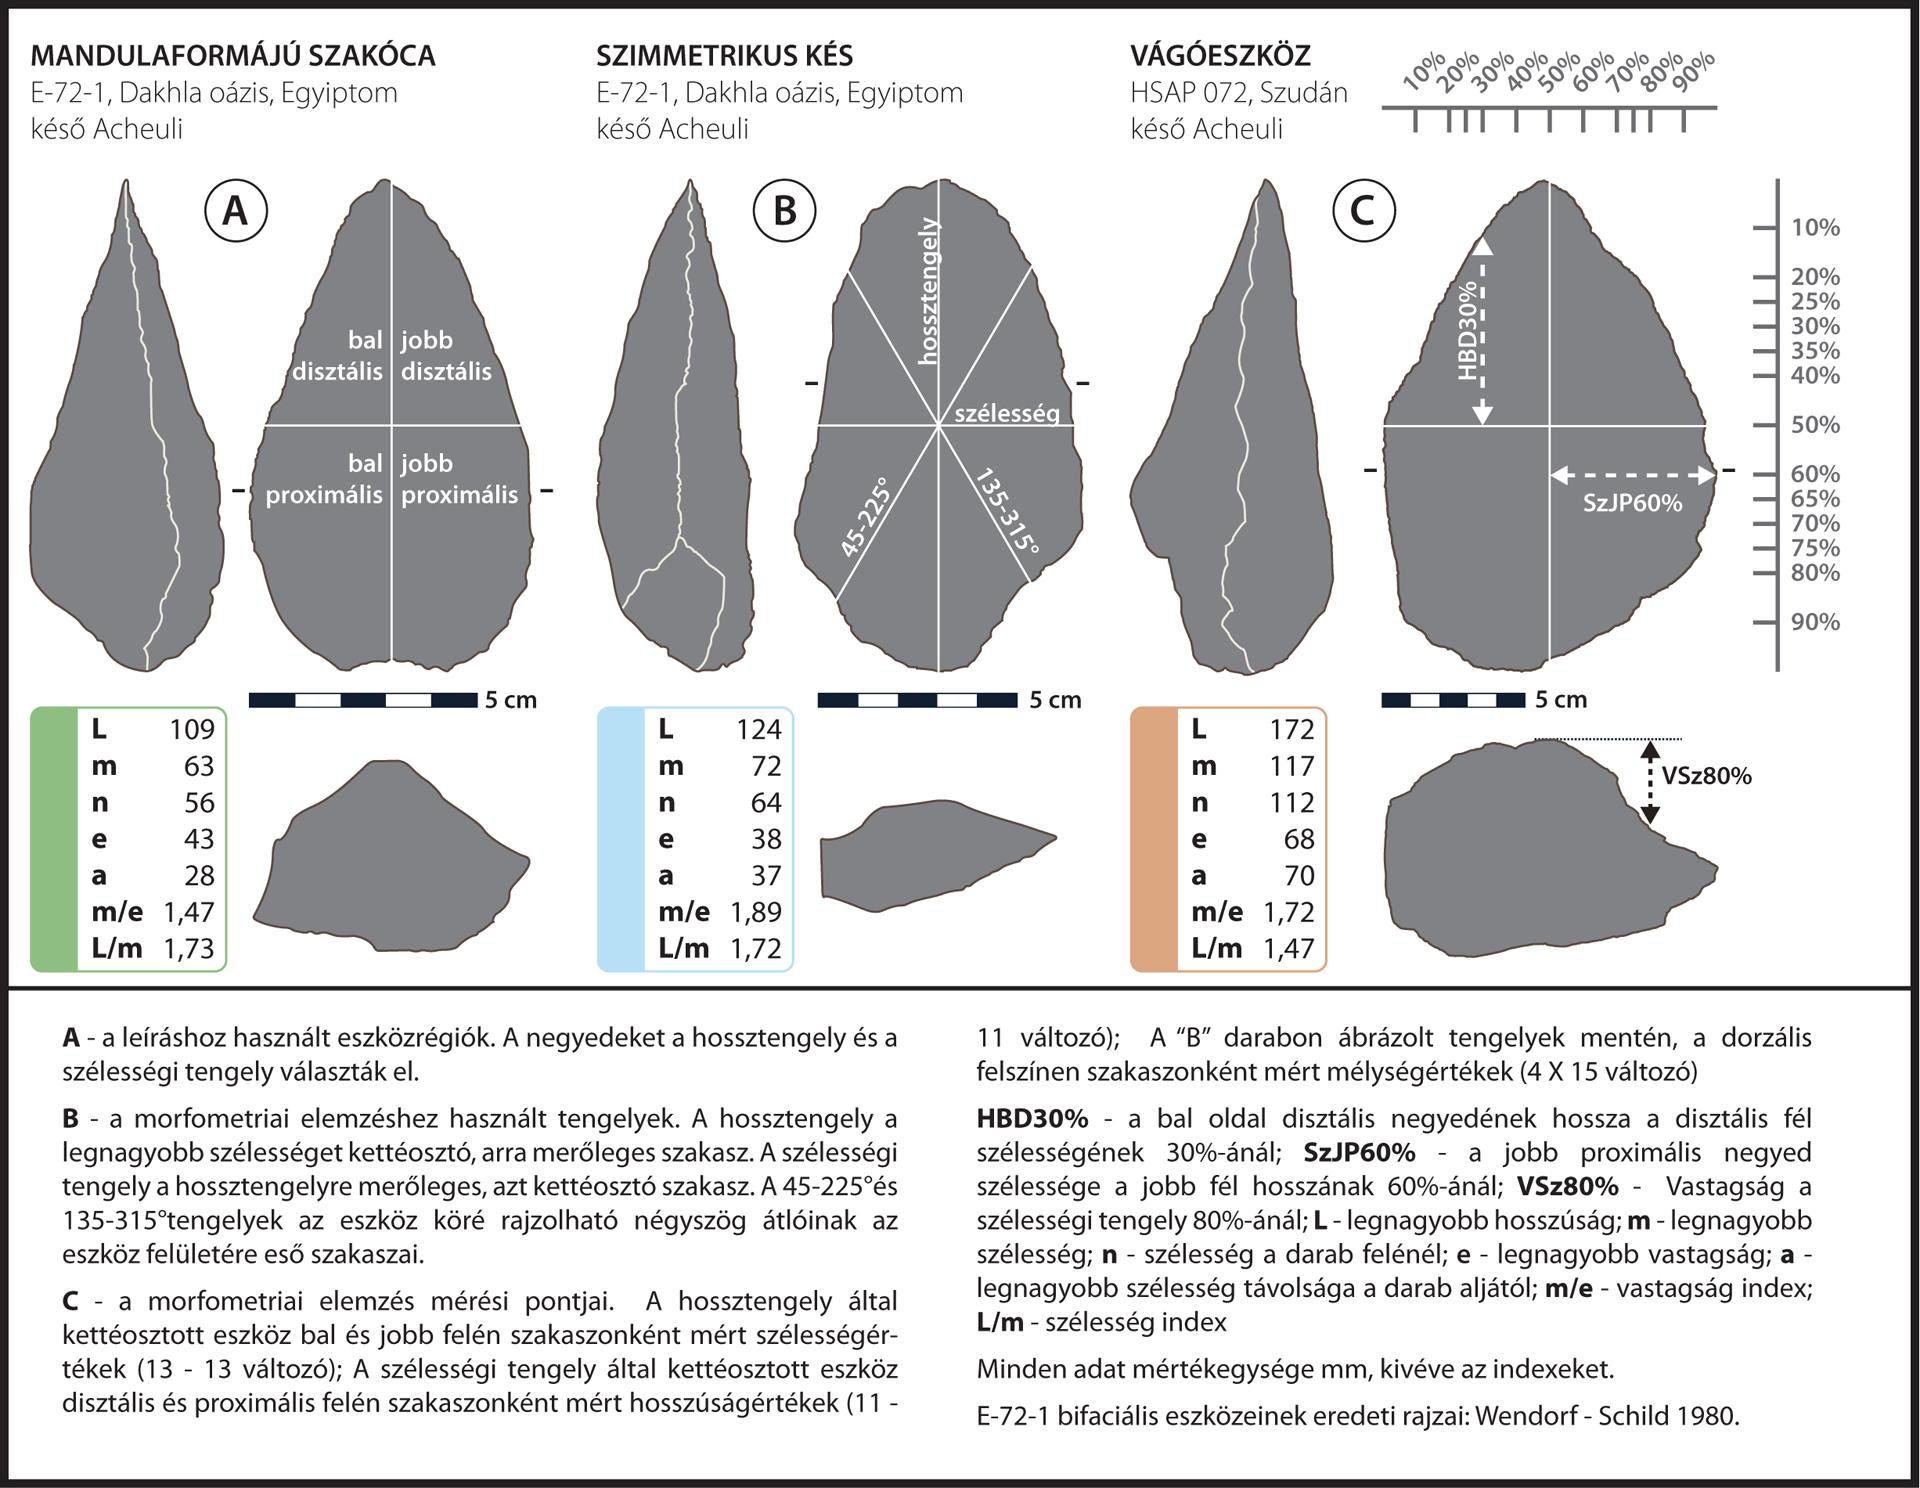 3. ábra. Az elemzés és az összehasonlító vizsgálat során használt eszközök, elnevezések és mérések helyei